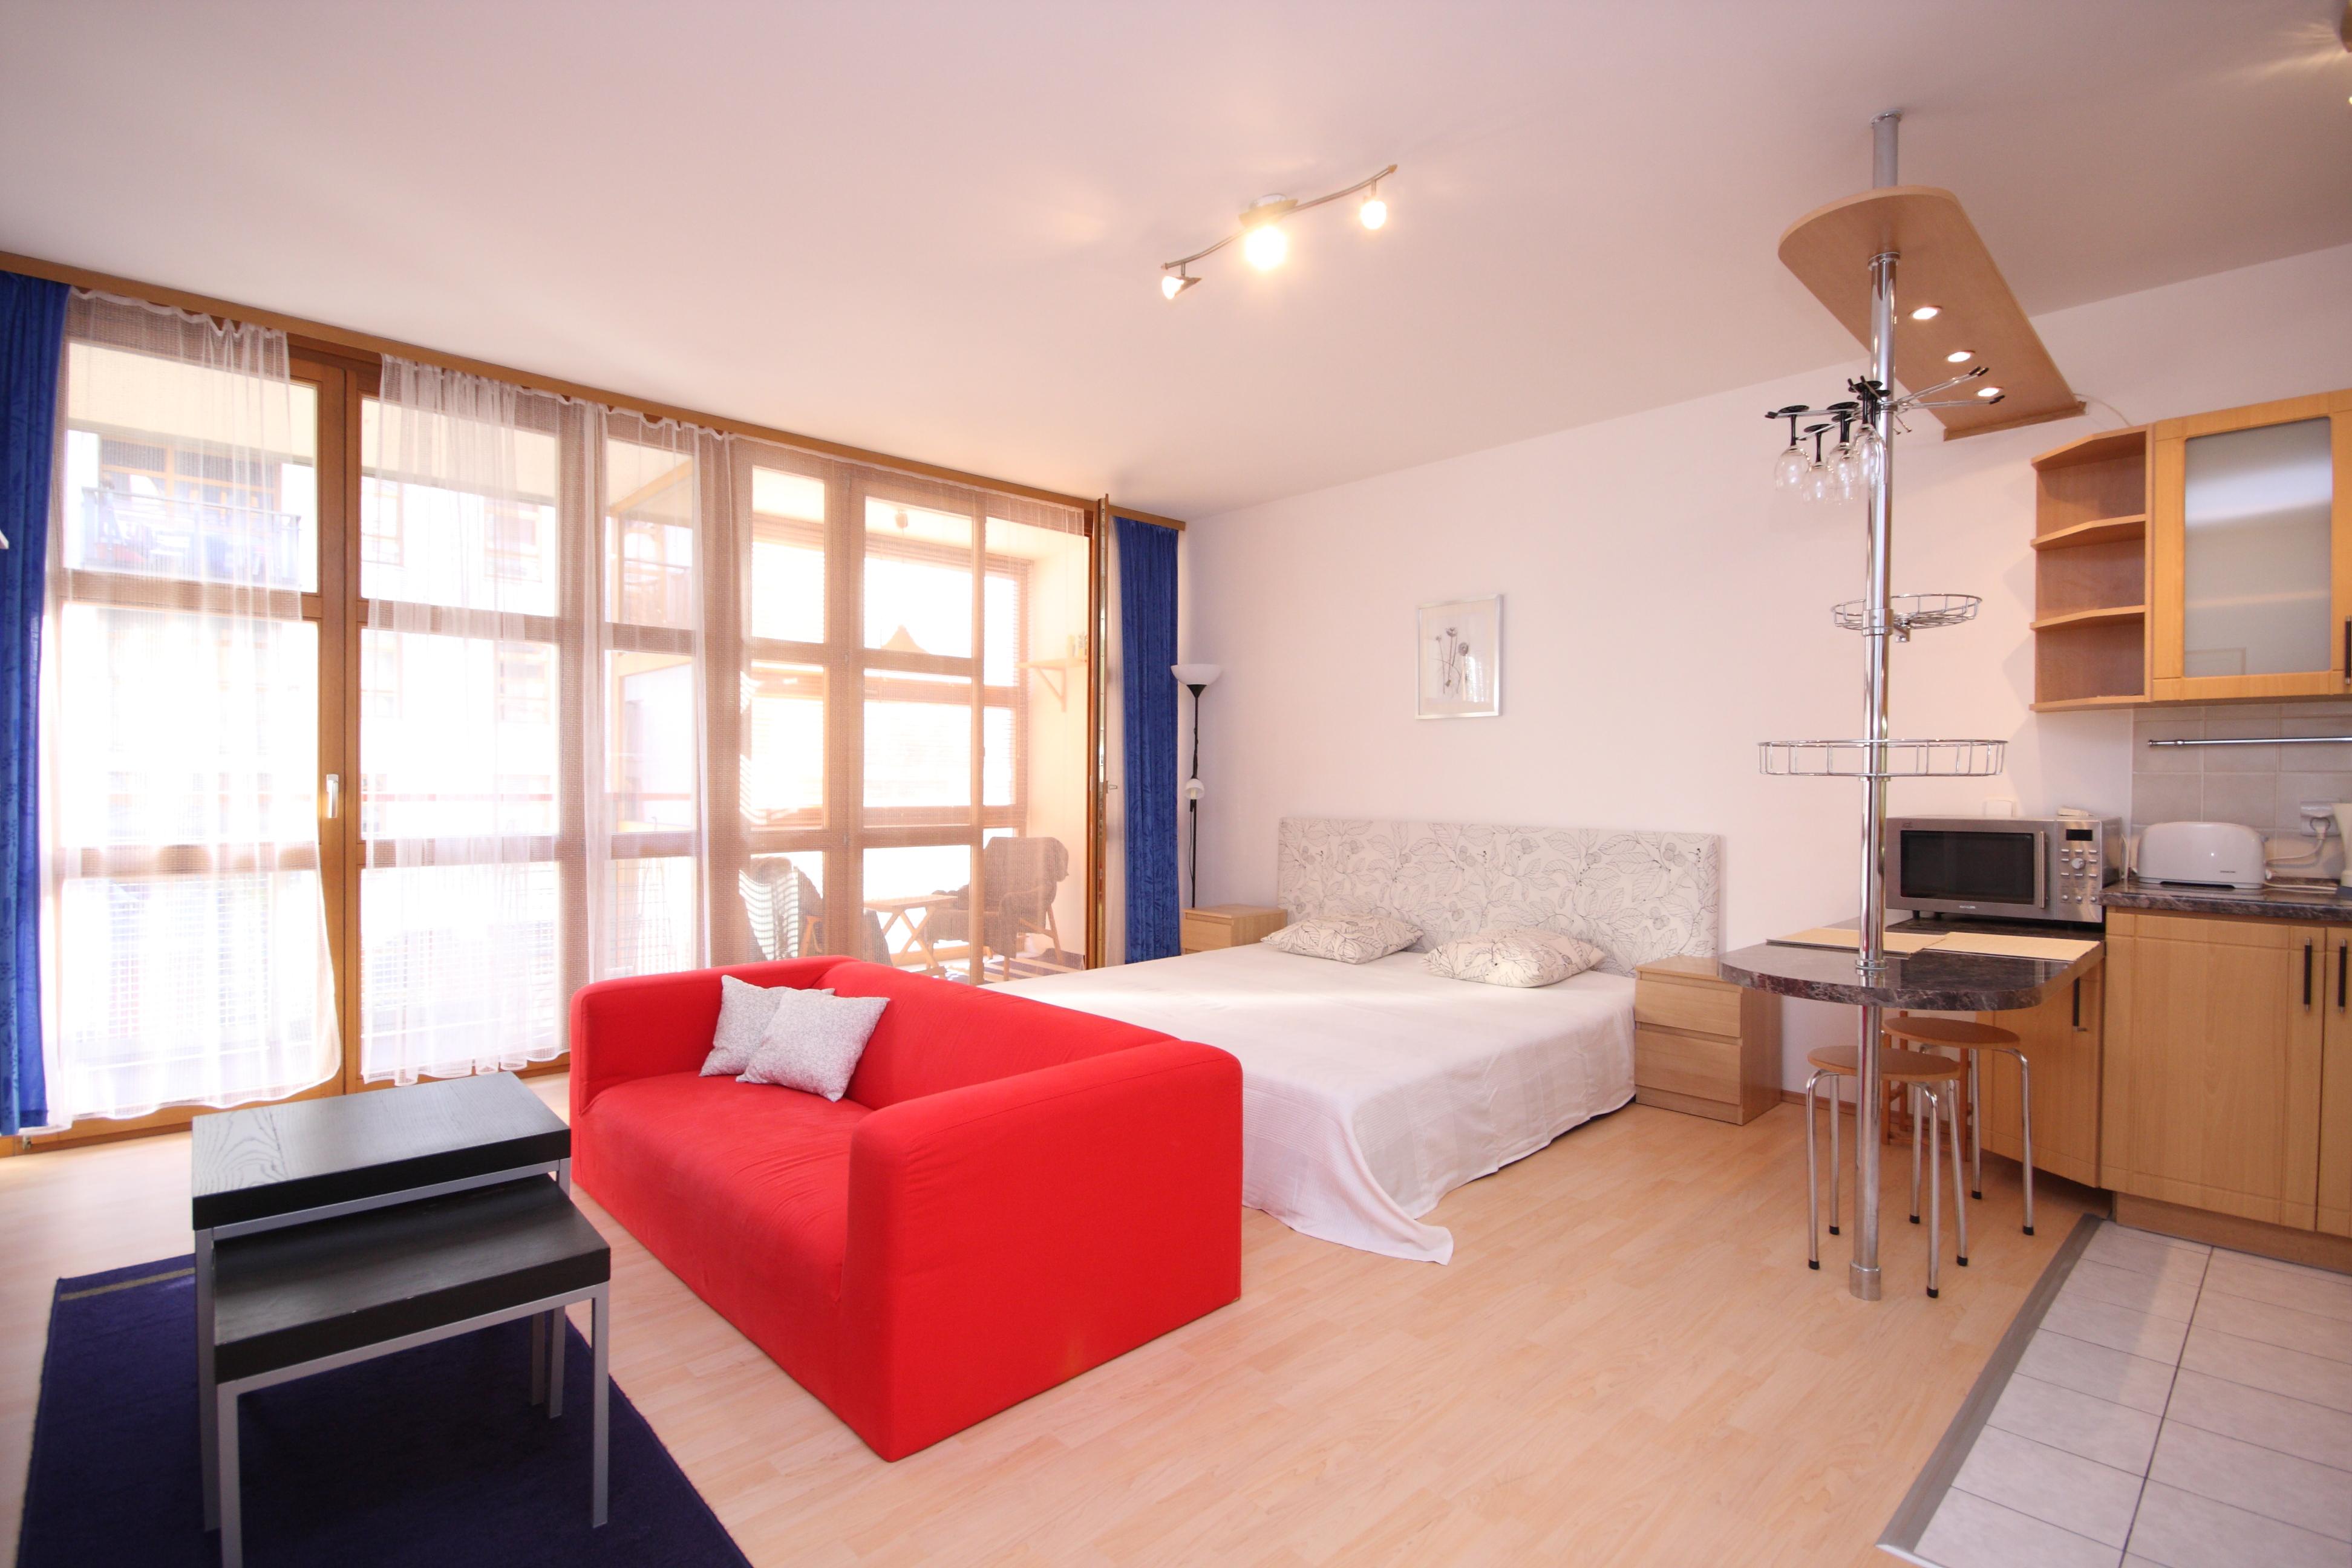 Обстановка однокомнатной квартиры в лаконичном дизайне